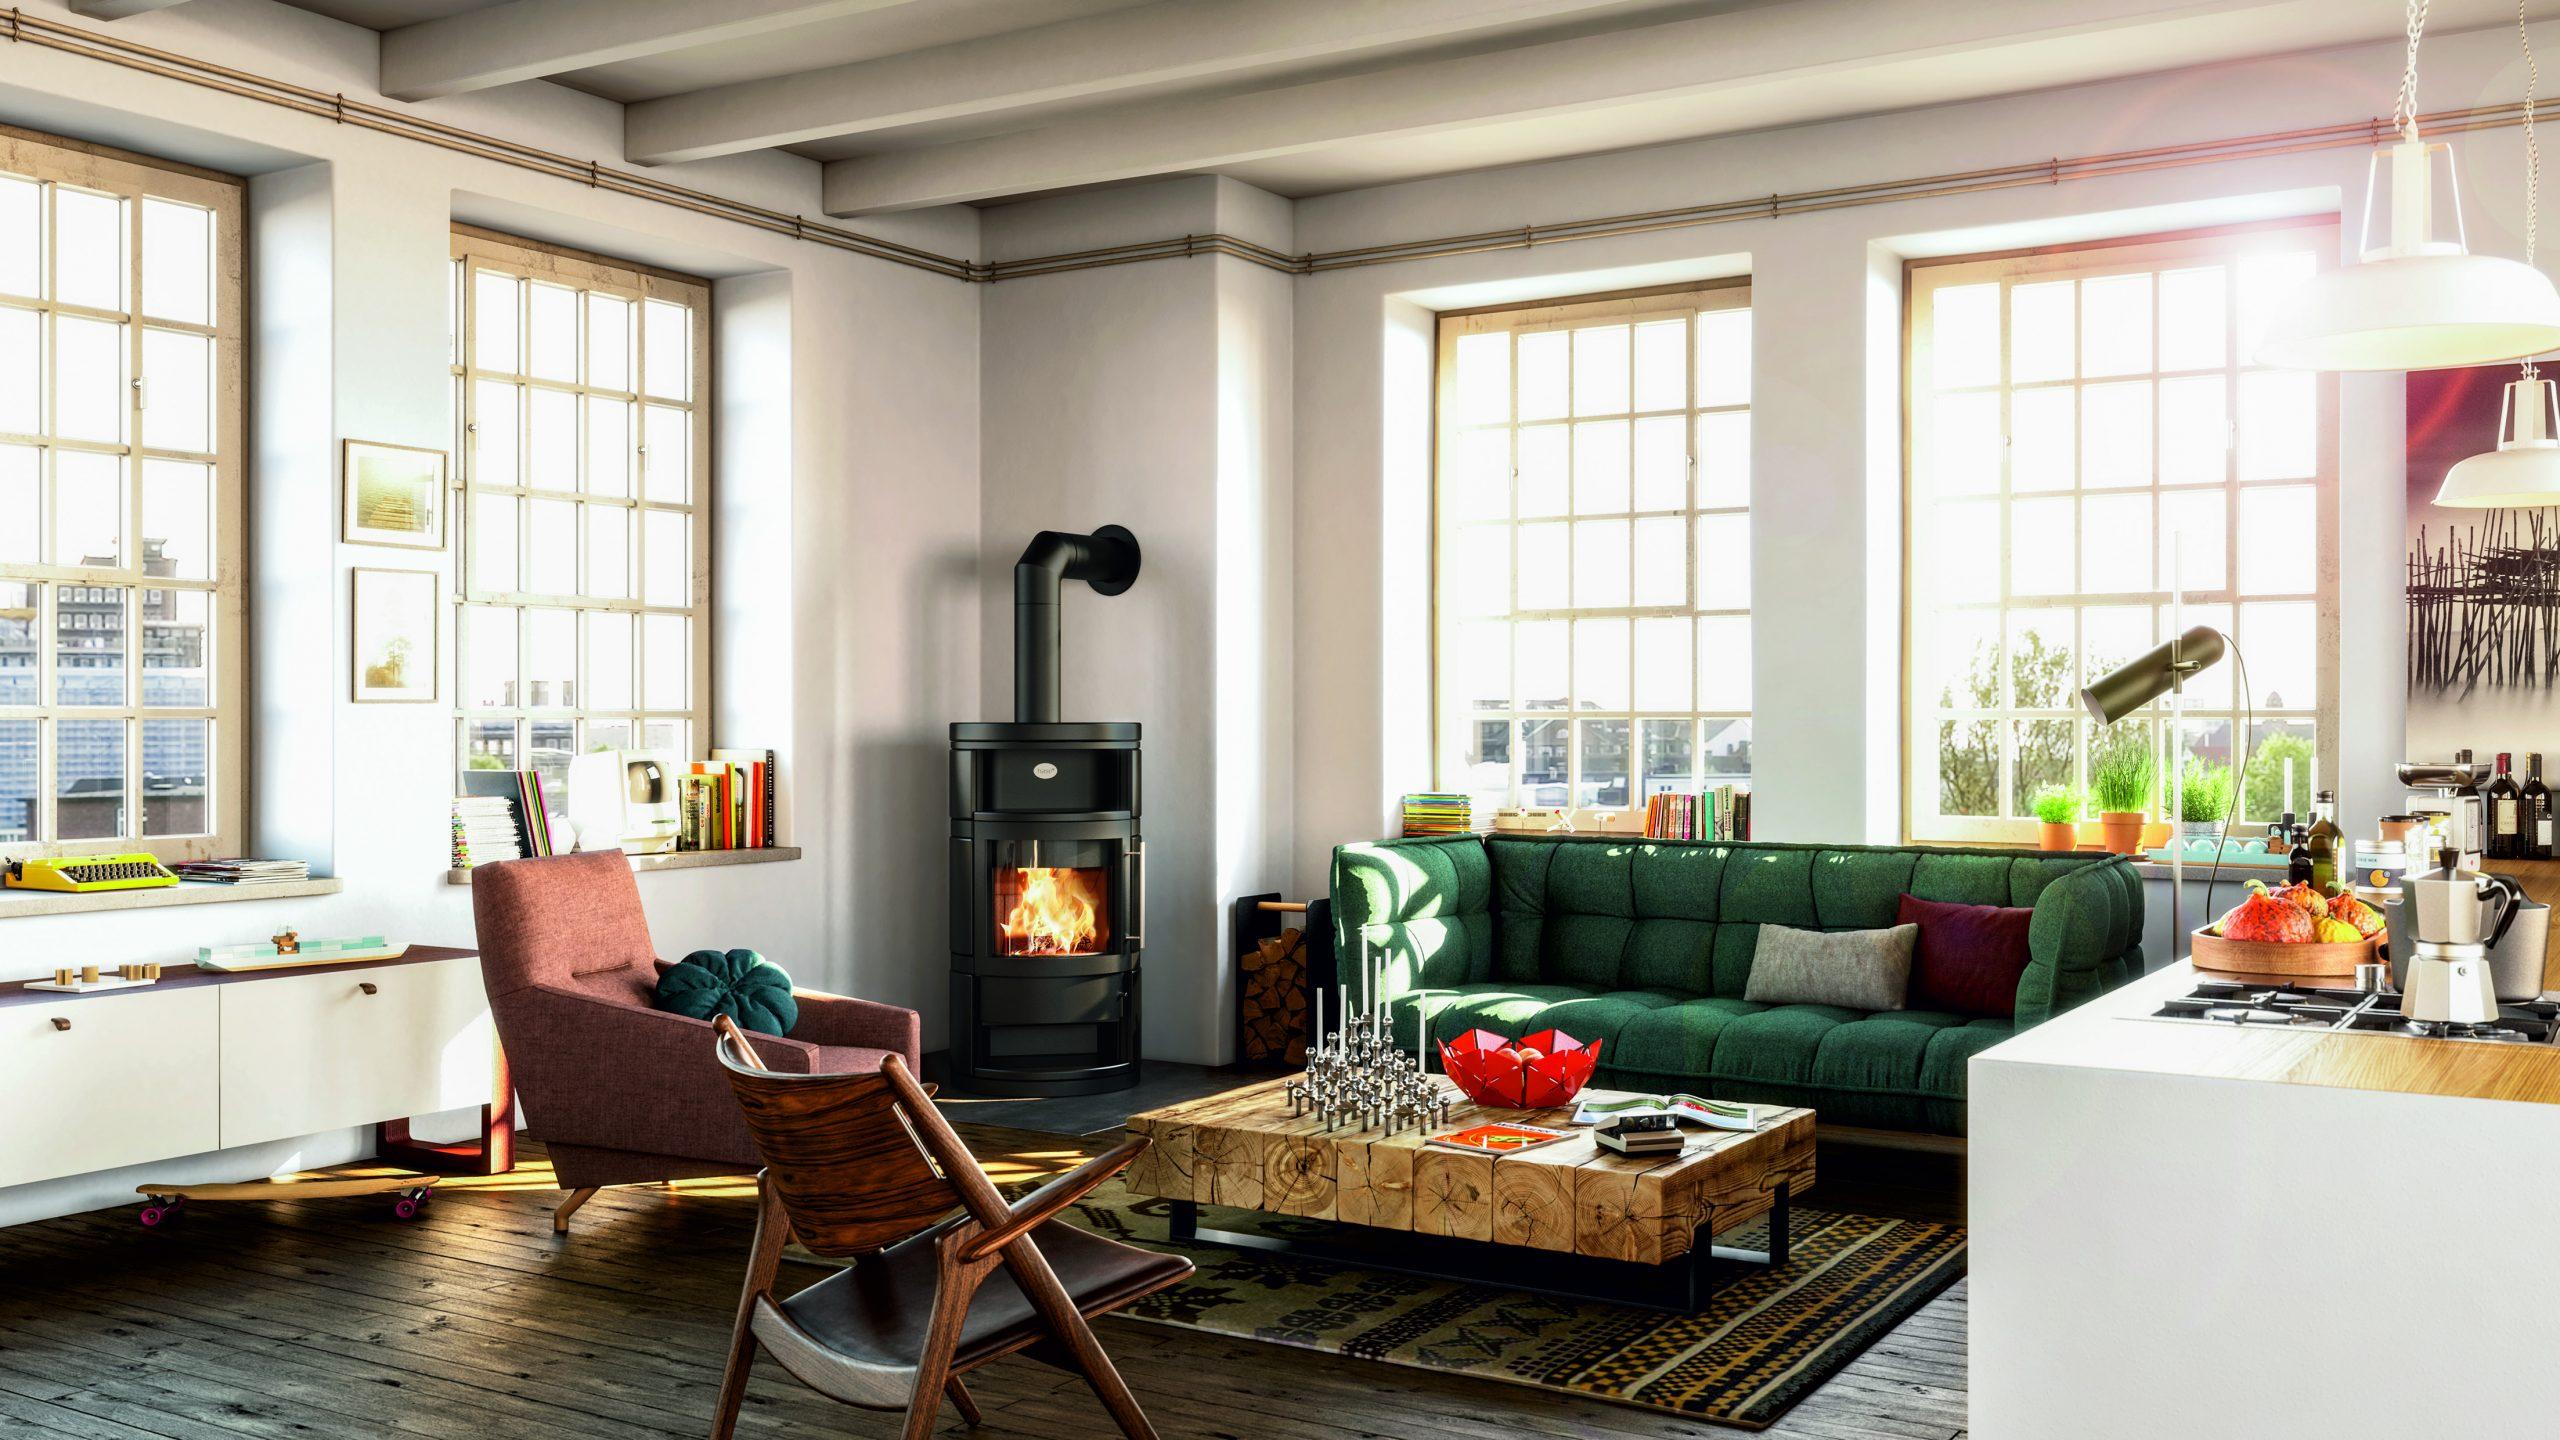 Comment conjuguer poêle à bois et décoration d'intérieur ?